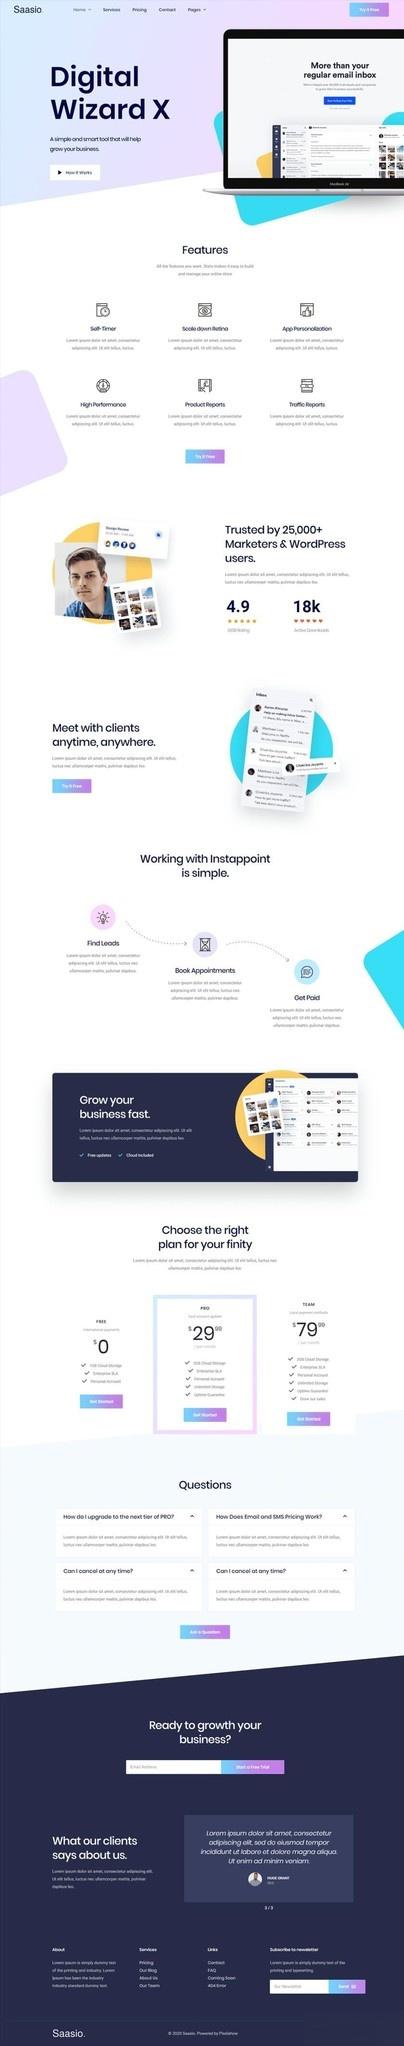 信息服务网站WordPress官网主题模板Elementor模板插图(1)